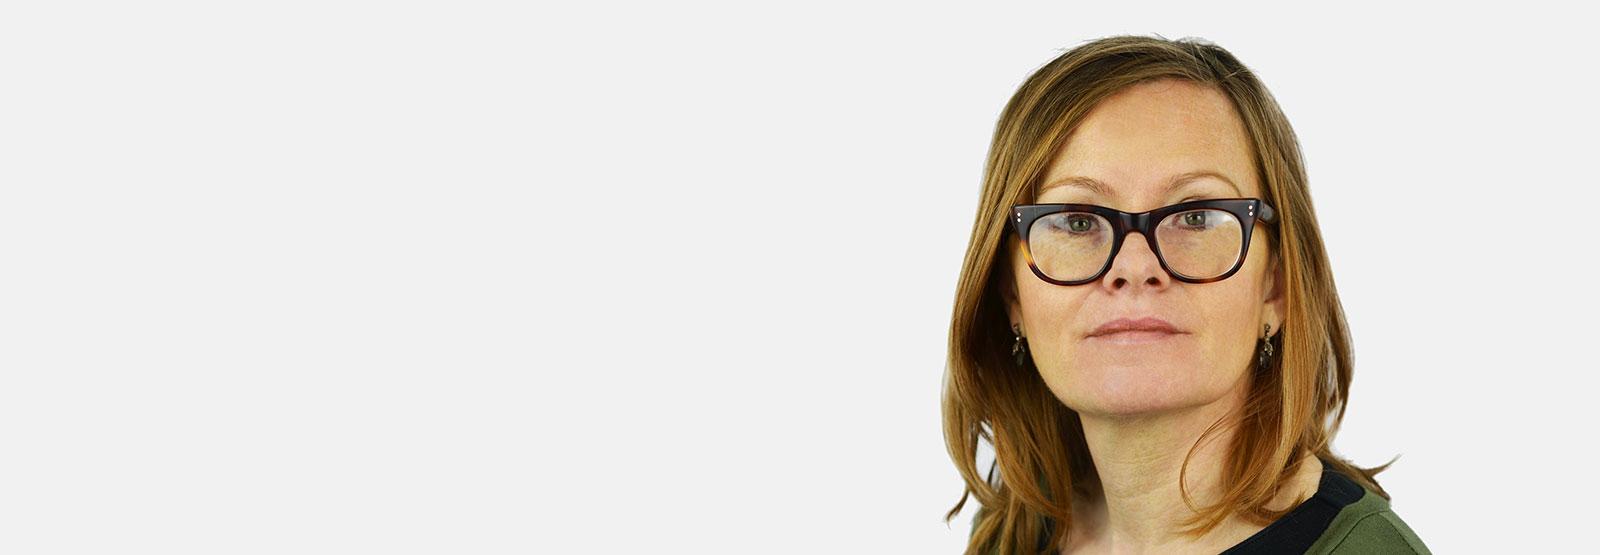 Sarah Bolton portrait